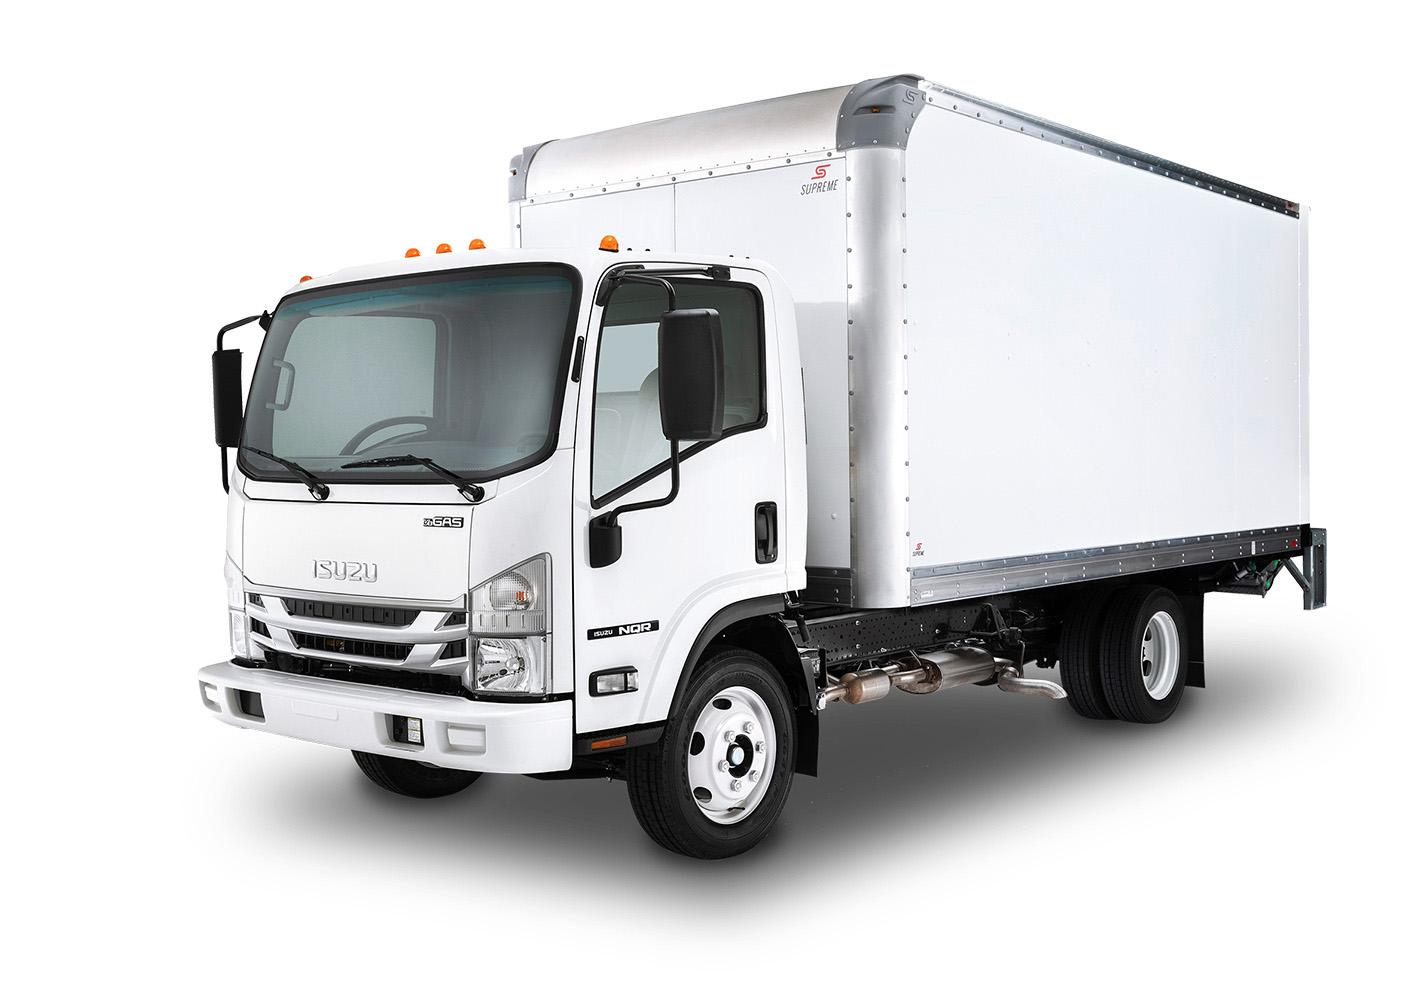 Isuzu N-Series Class 5 Gas Truck